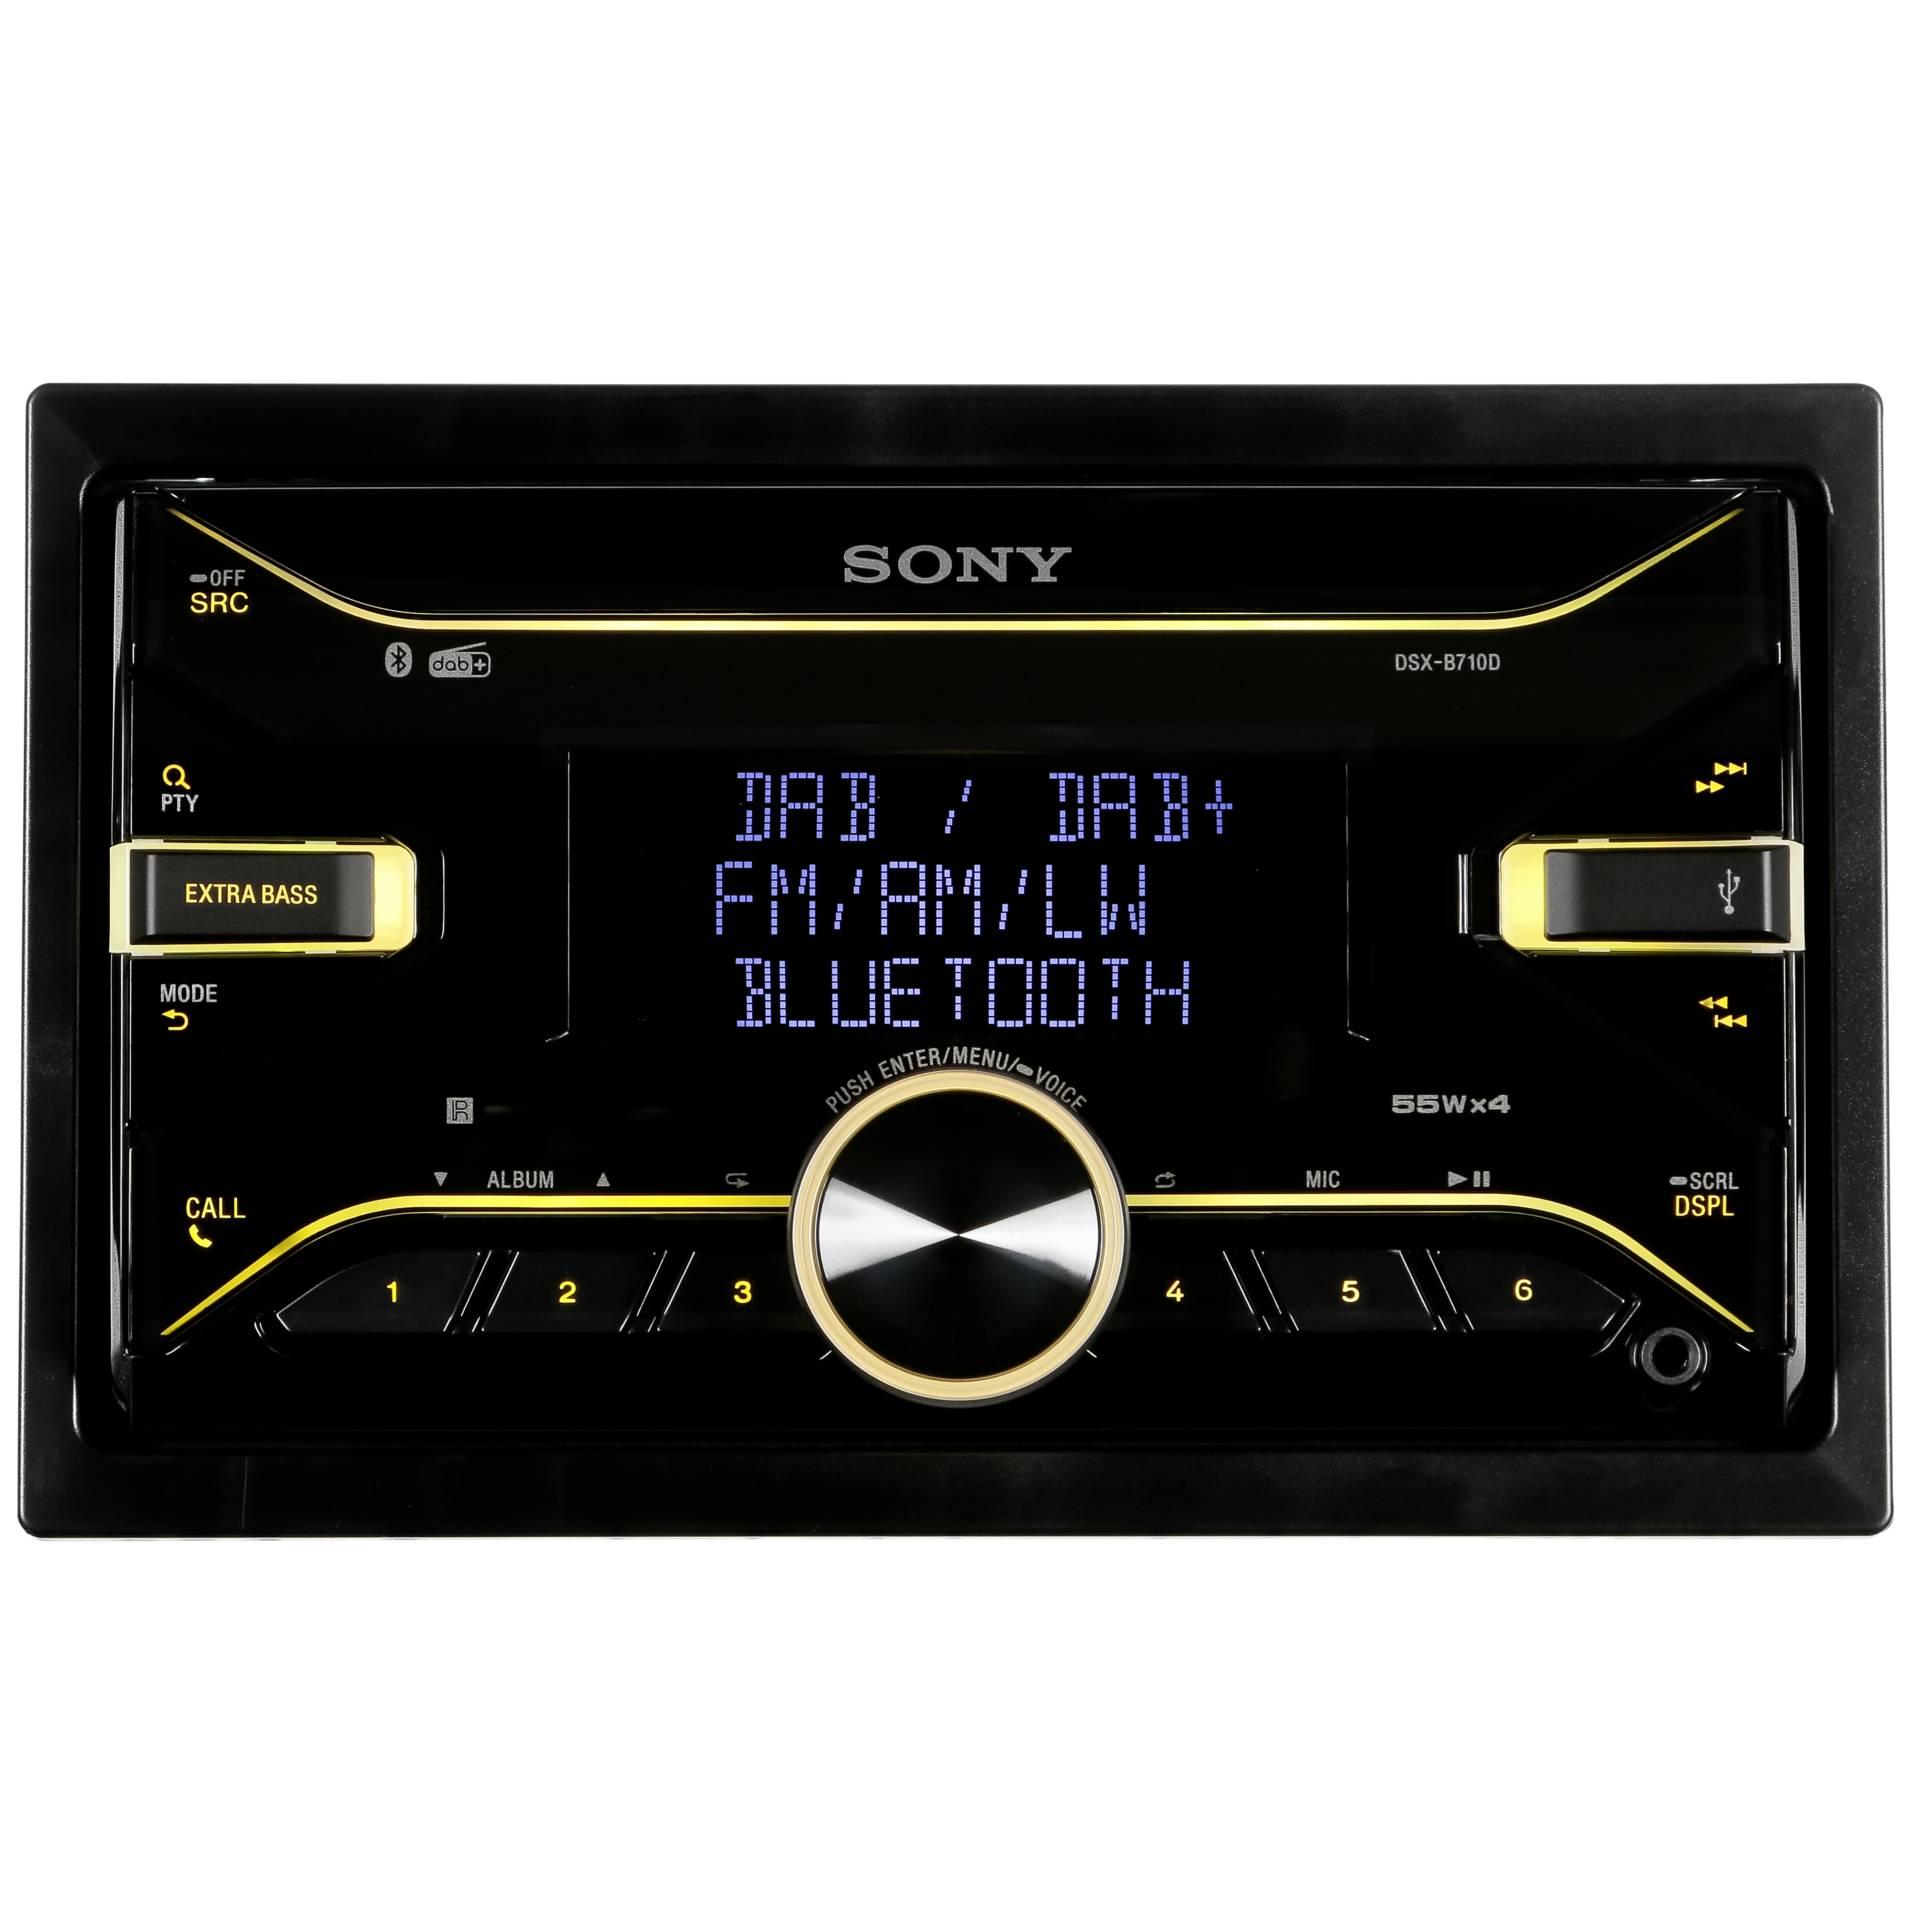 Sony DSX-B710D DAB